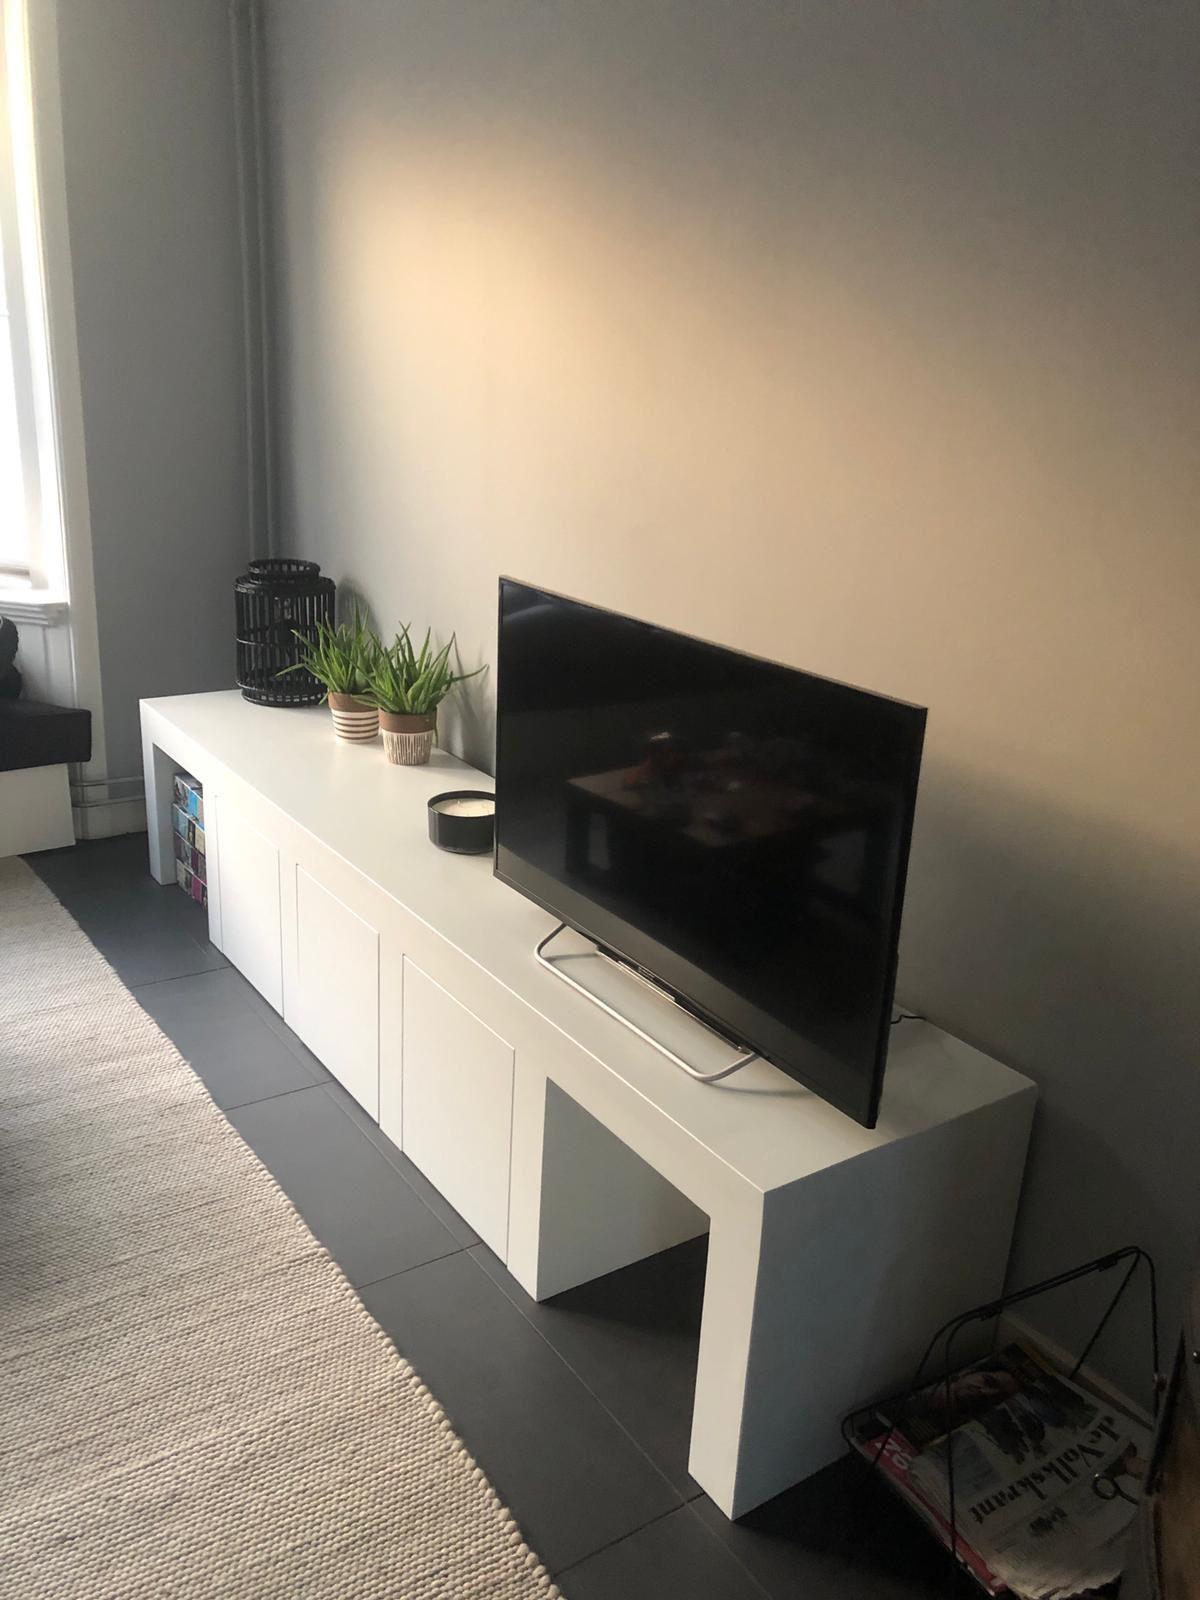 Praktisch Tv Meubel.Strak En Praktisch Tv Meubel Met Open Delen En Deuren Voor